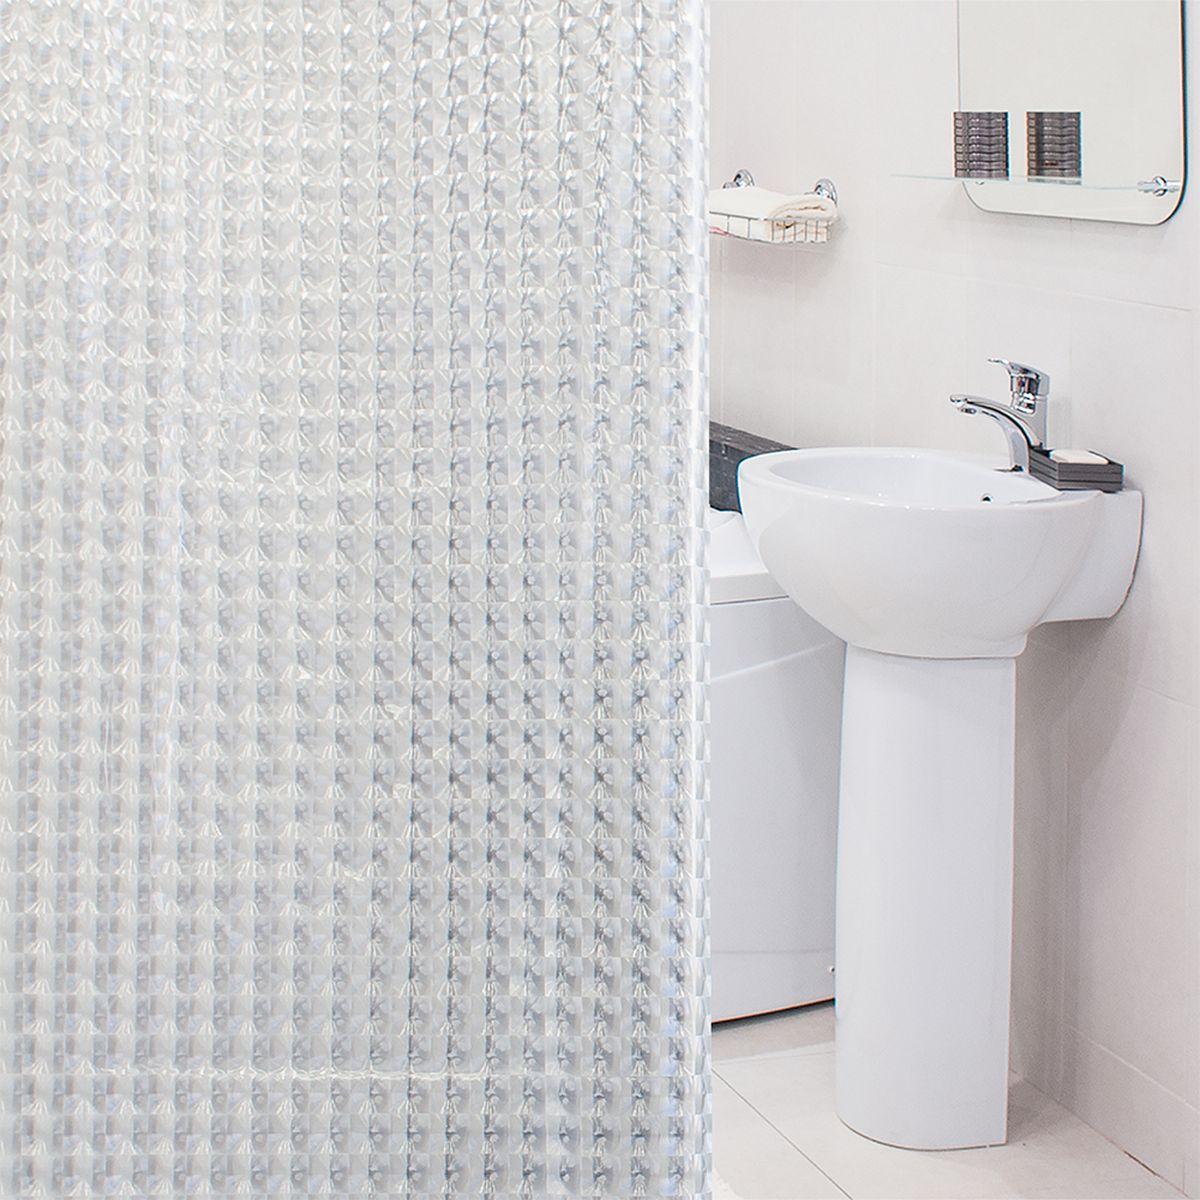 Штора для ванной комнаты 3D Tatkraft Crystal, с кольцами, 180 х 180 см18815Штора для ванной комнаты 3D Tatkraft Crystal выполнена из высококачественного материала ПЕВА (полиэтиленвинилацетат) с водоотталкивающим и антигрибковым покрытием. Изделие хорошо пропускает свет и быстро высыхает. В комплекте прилагаются овальные пластиковые кольца.Такая штора прекрасно впишется в любой интерьер ванной комнаты и идеально защитит от брызг. Количество колец: 12 шт.